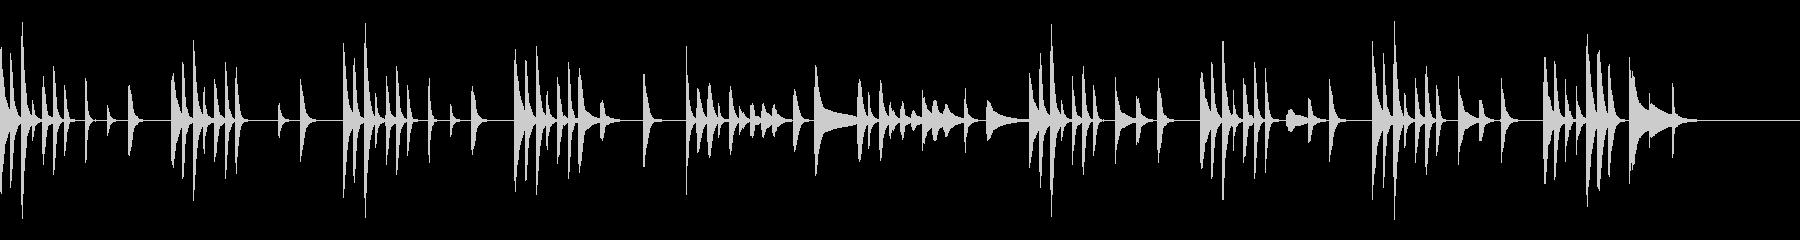 木琴・シロフォン中心のかわいいまったり曲の未再生の波形